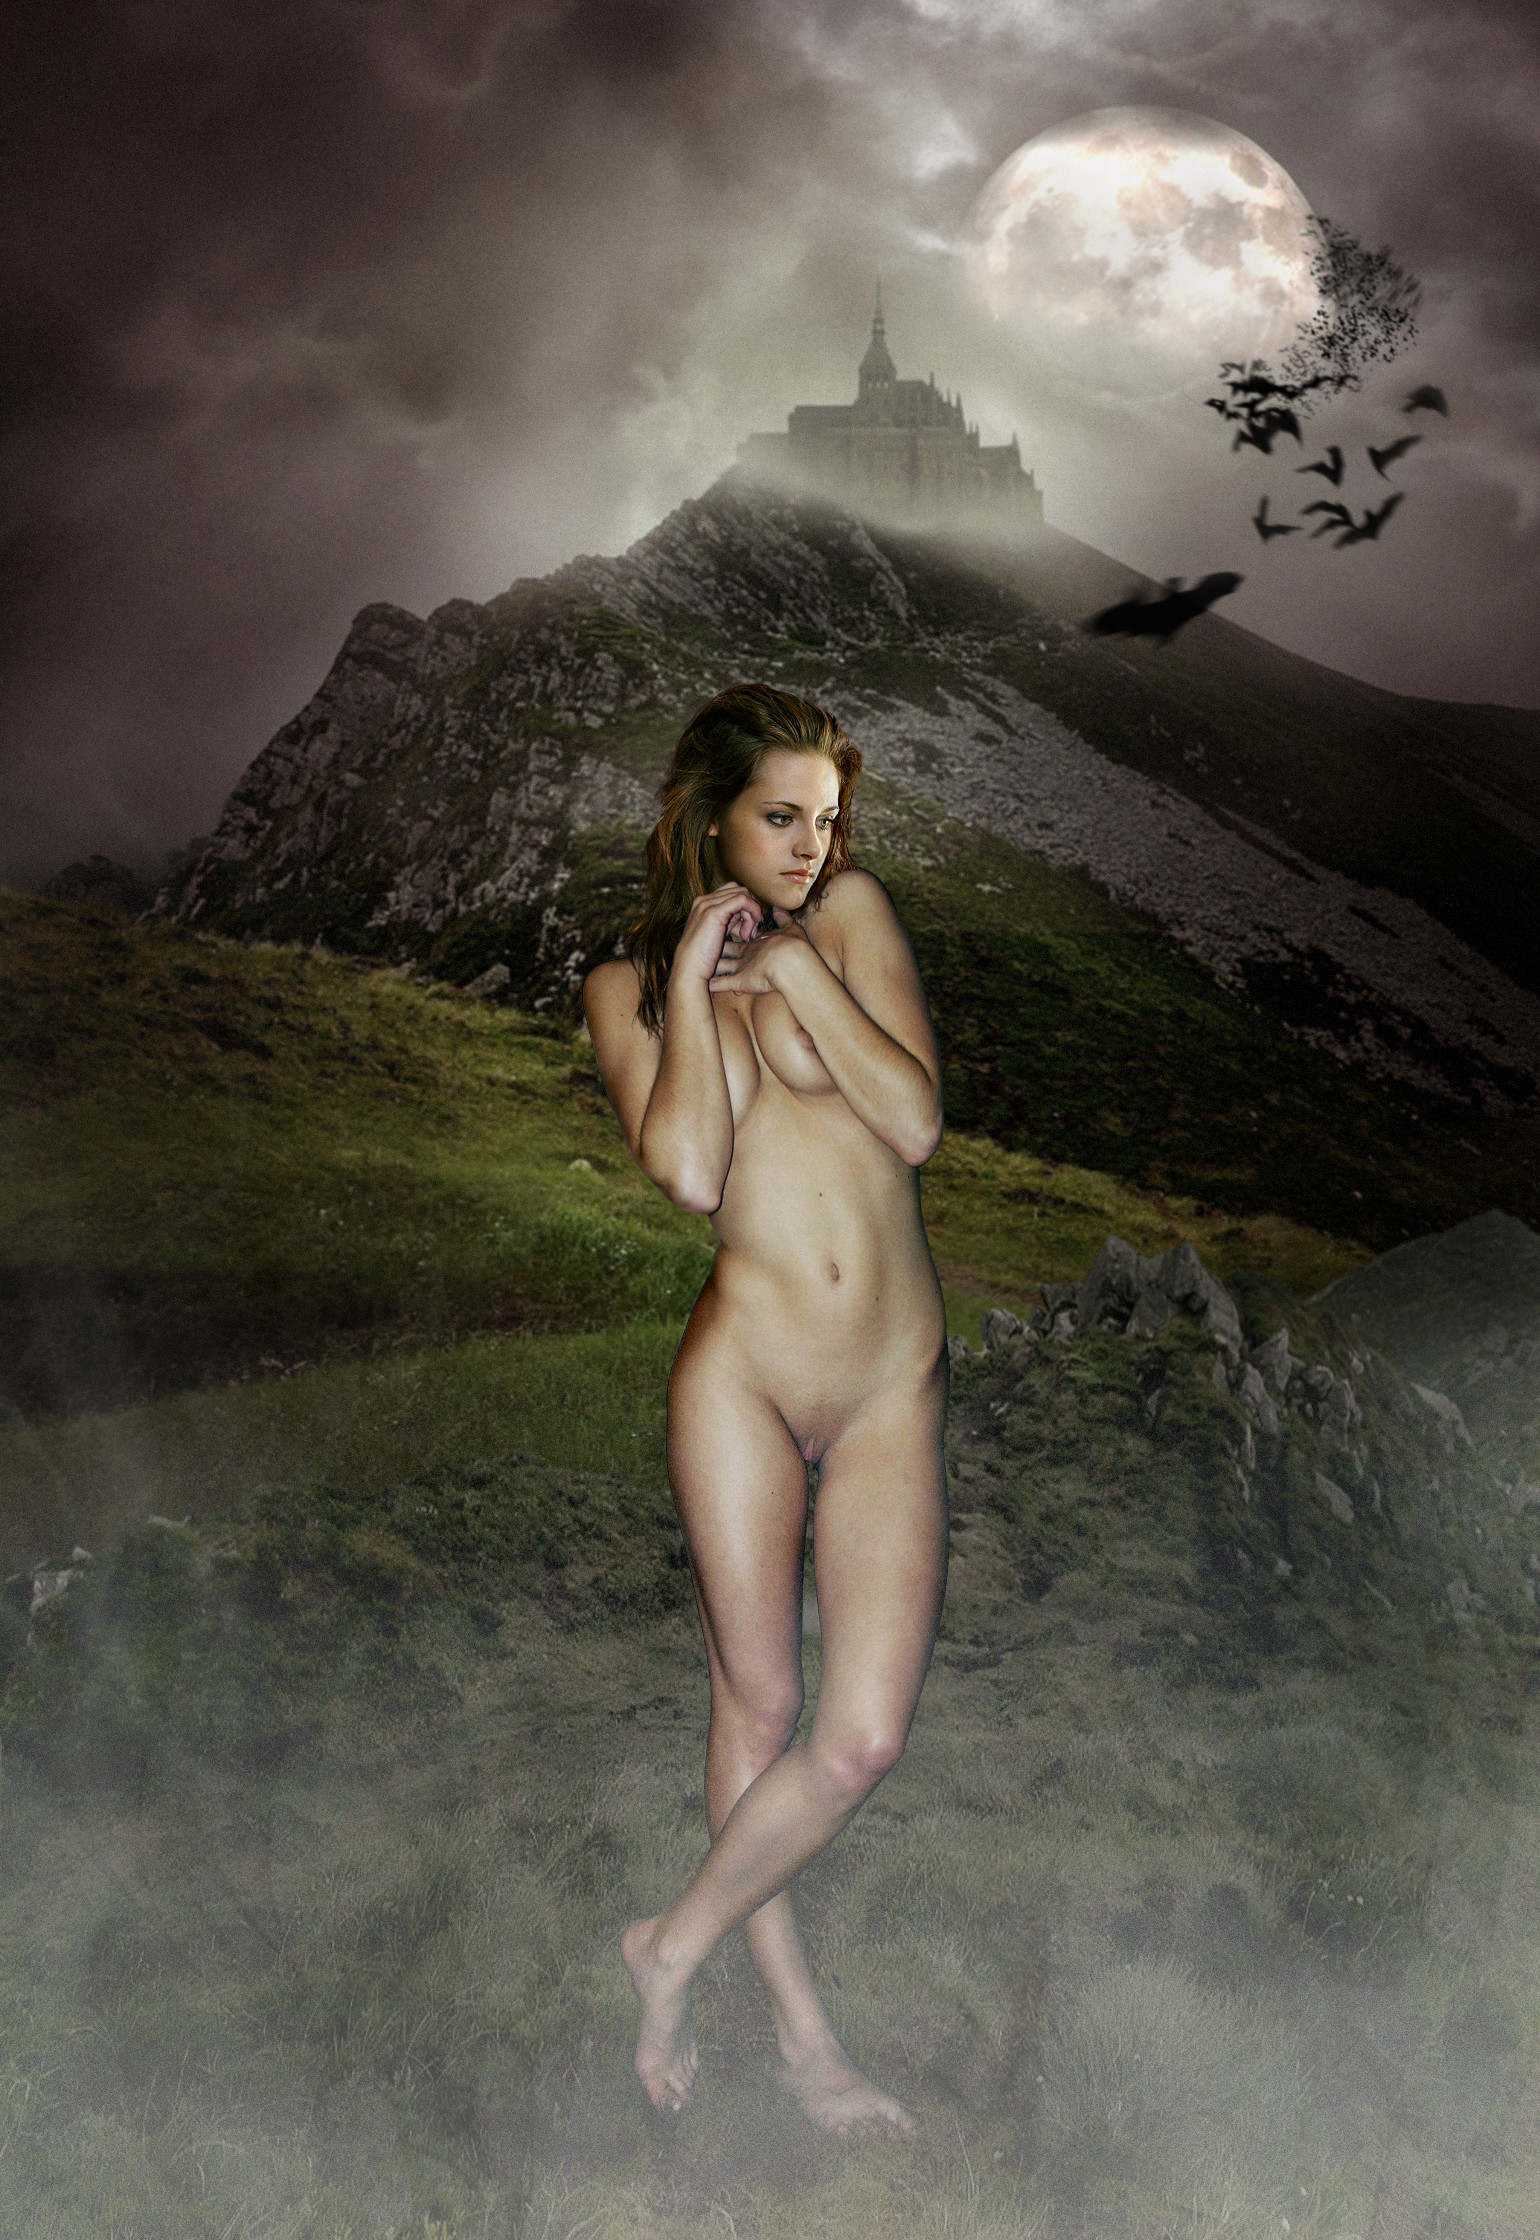 twilight-fake-nudes